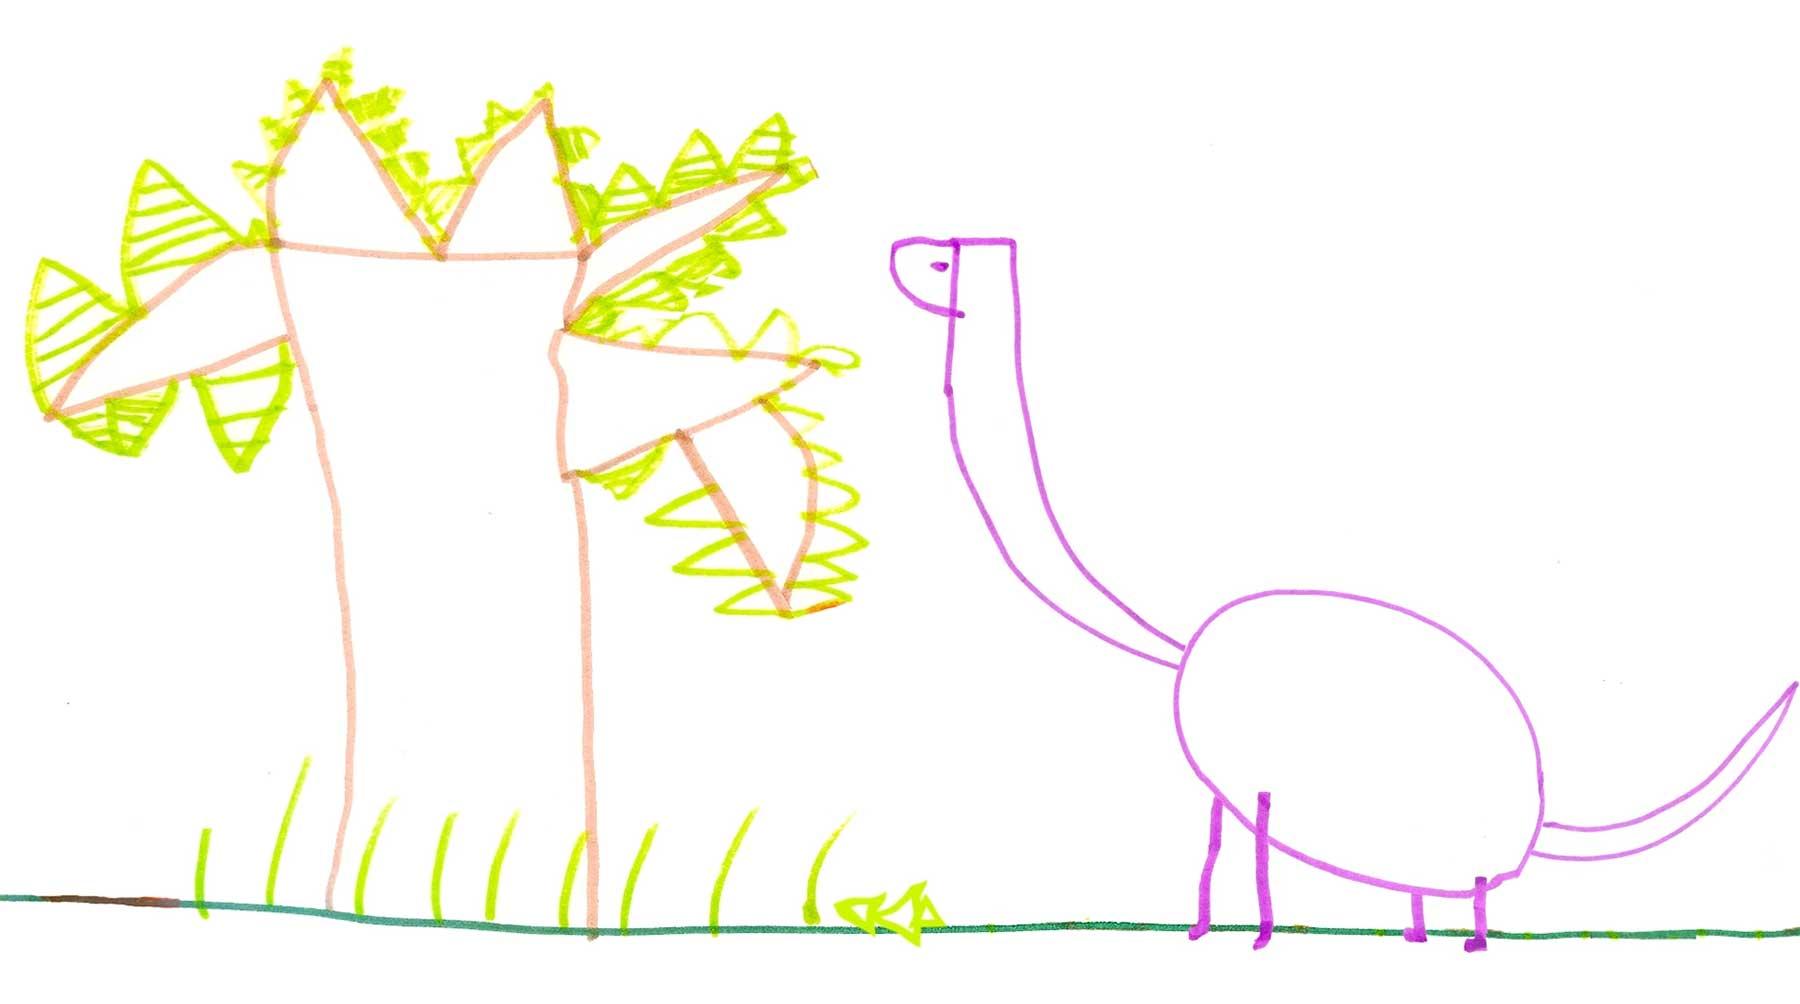 4-Jähriger erzählt die Geschichte der Dinosaurier dinosaur-a-film-by-nathan-and-his-dad